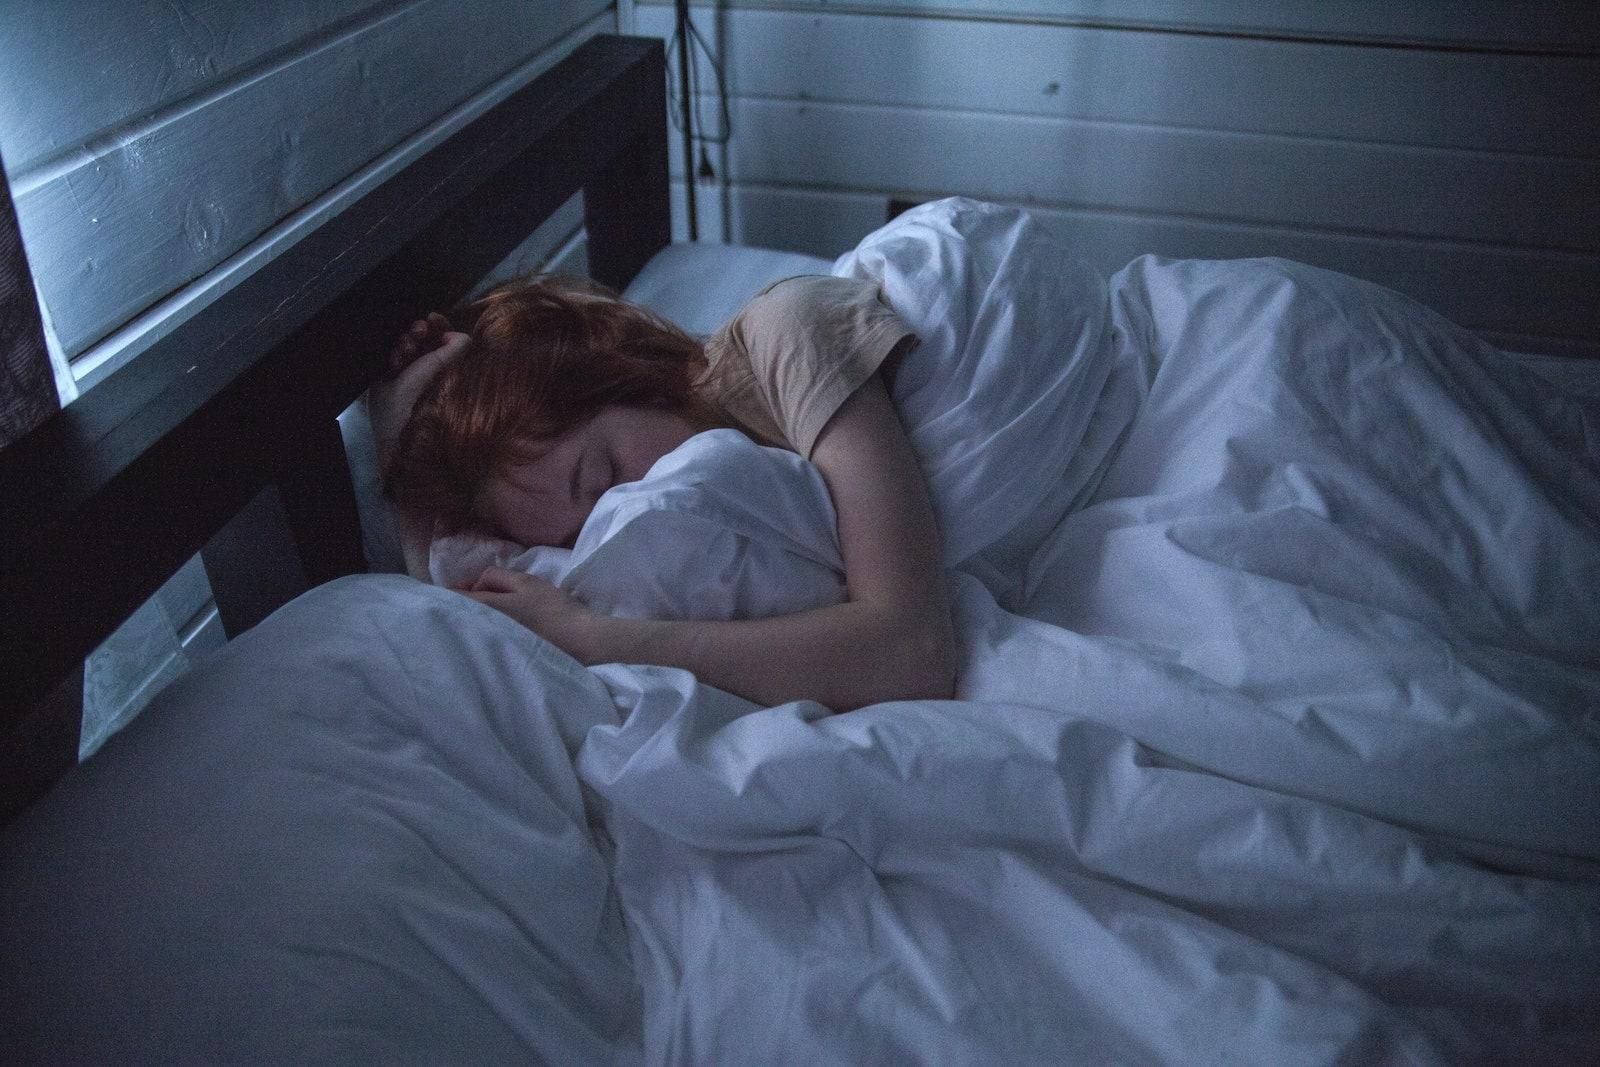 adult-asleep-bed-935777-1